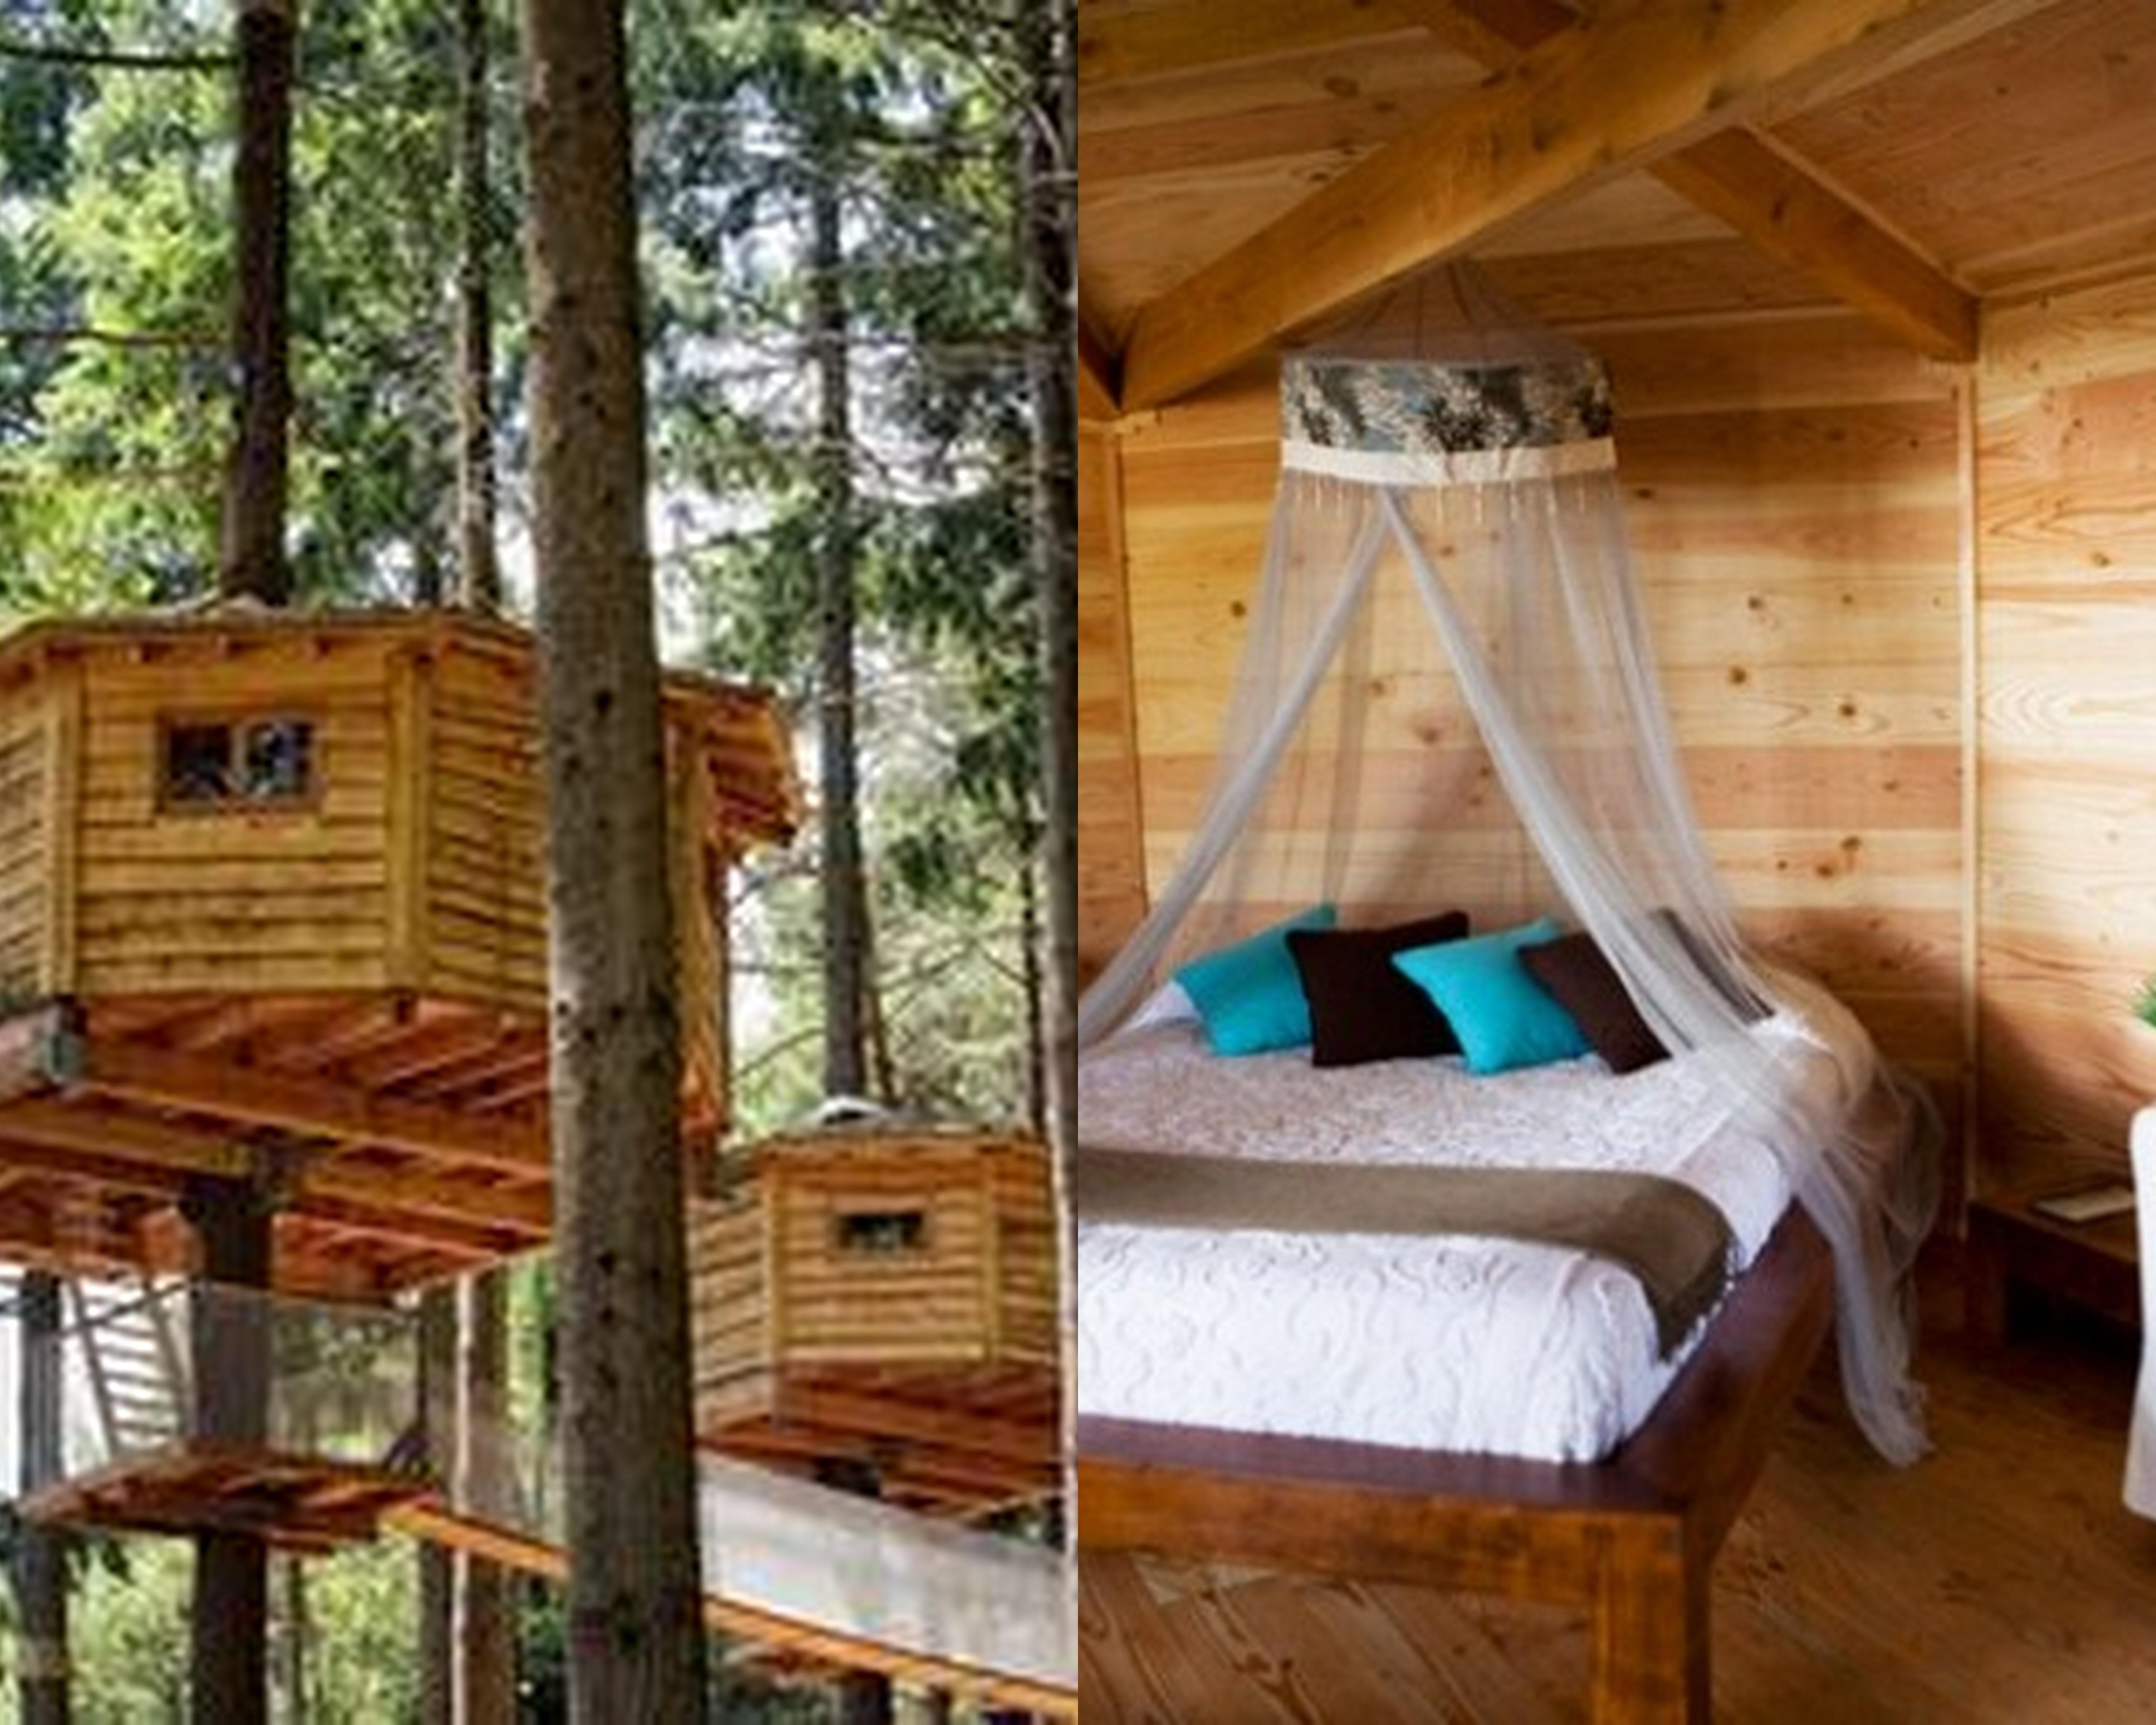 Hoteles curiosos en espa a viajes al alcance de todos - Casas en los arboles sant hilari ...